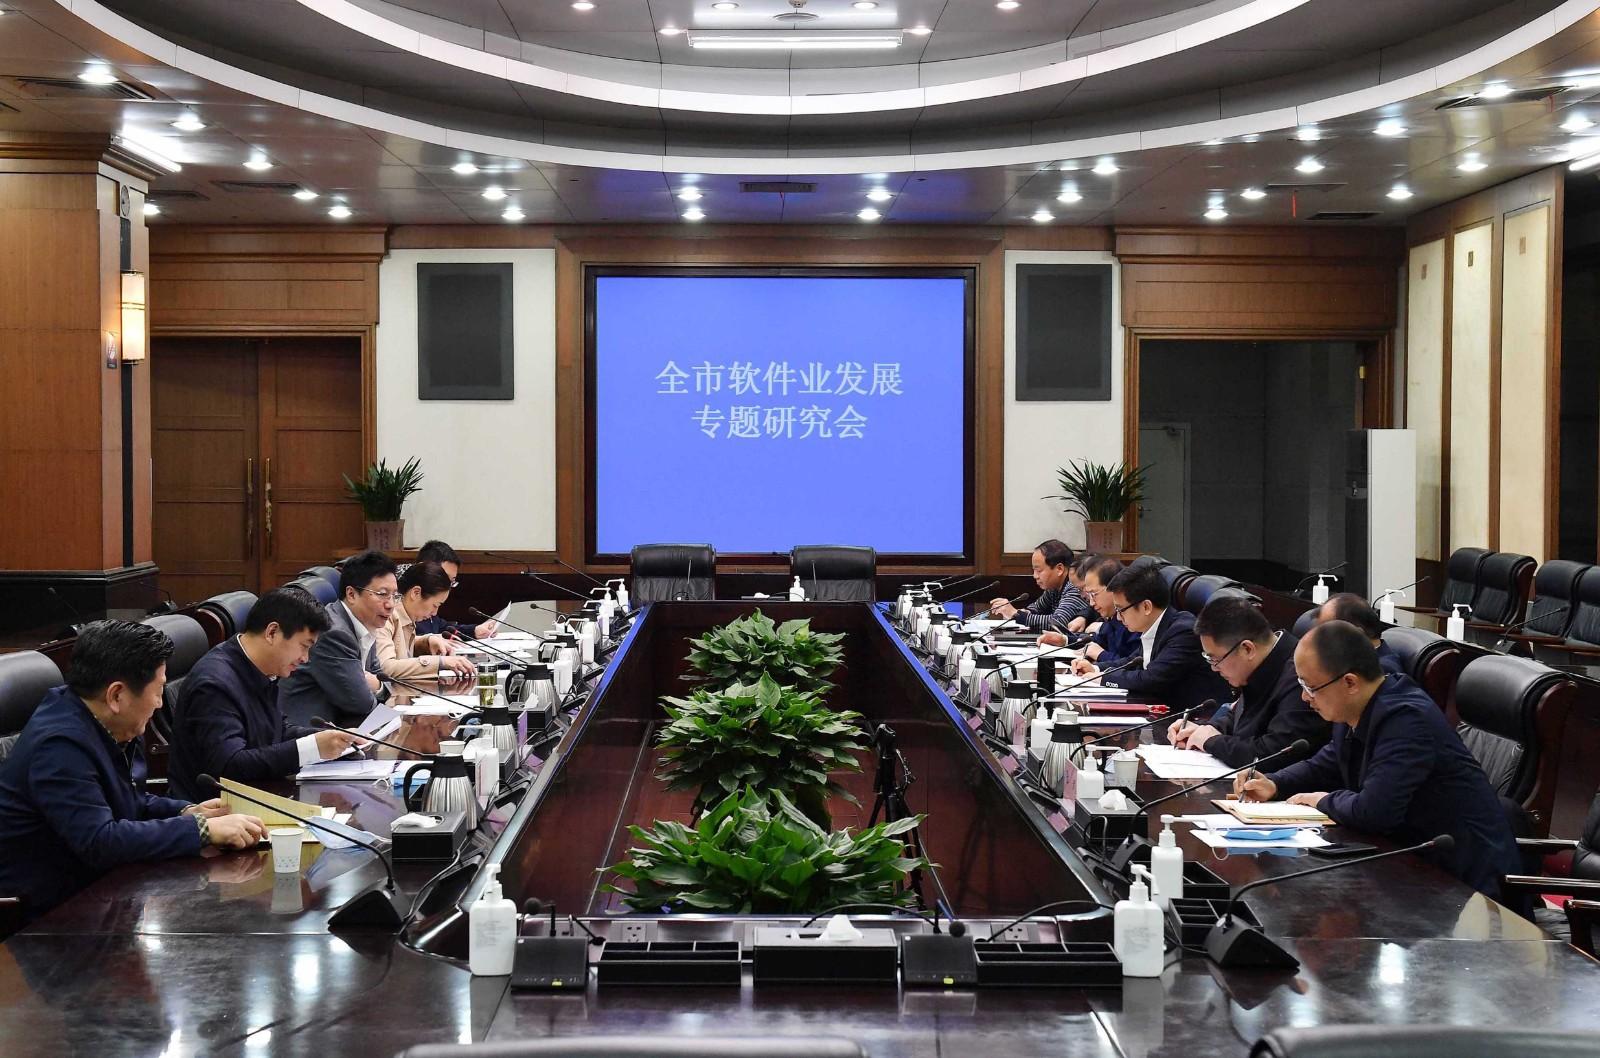 胡衡华主持召开全市软件业发展专题研究会